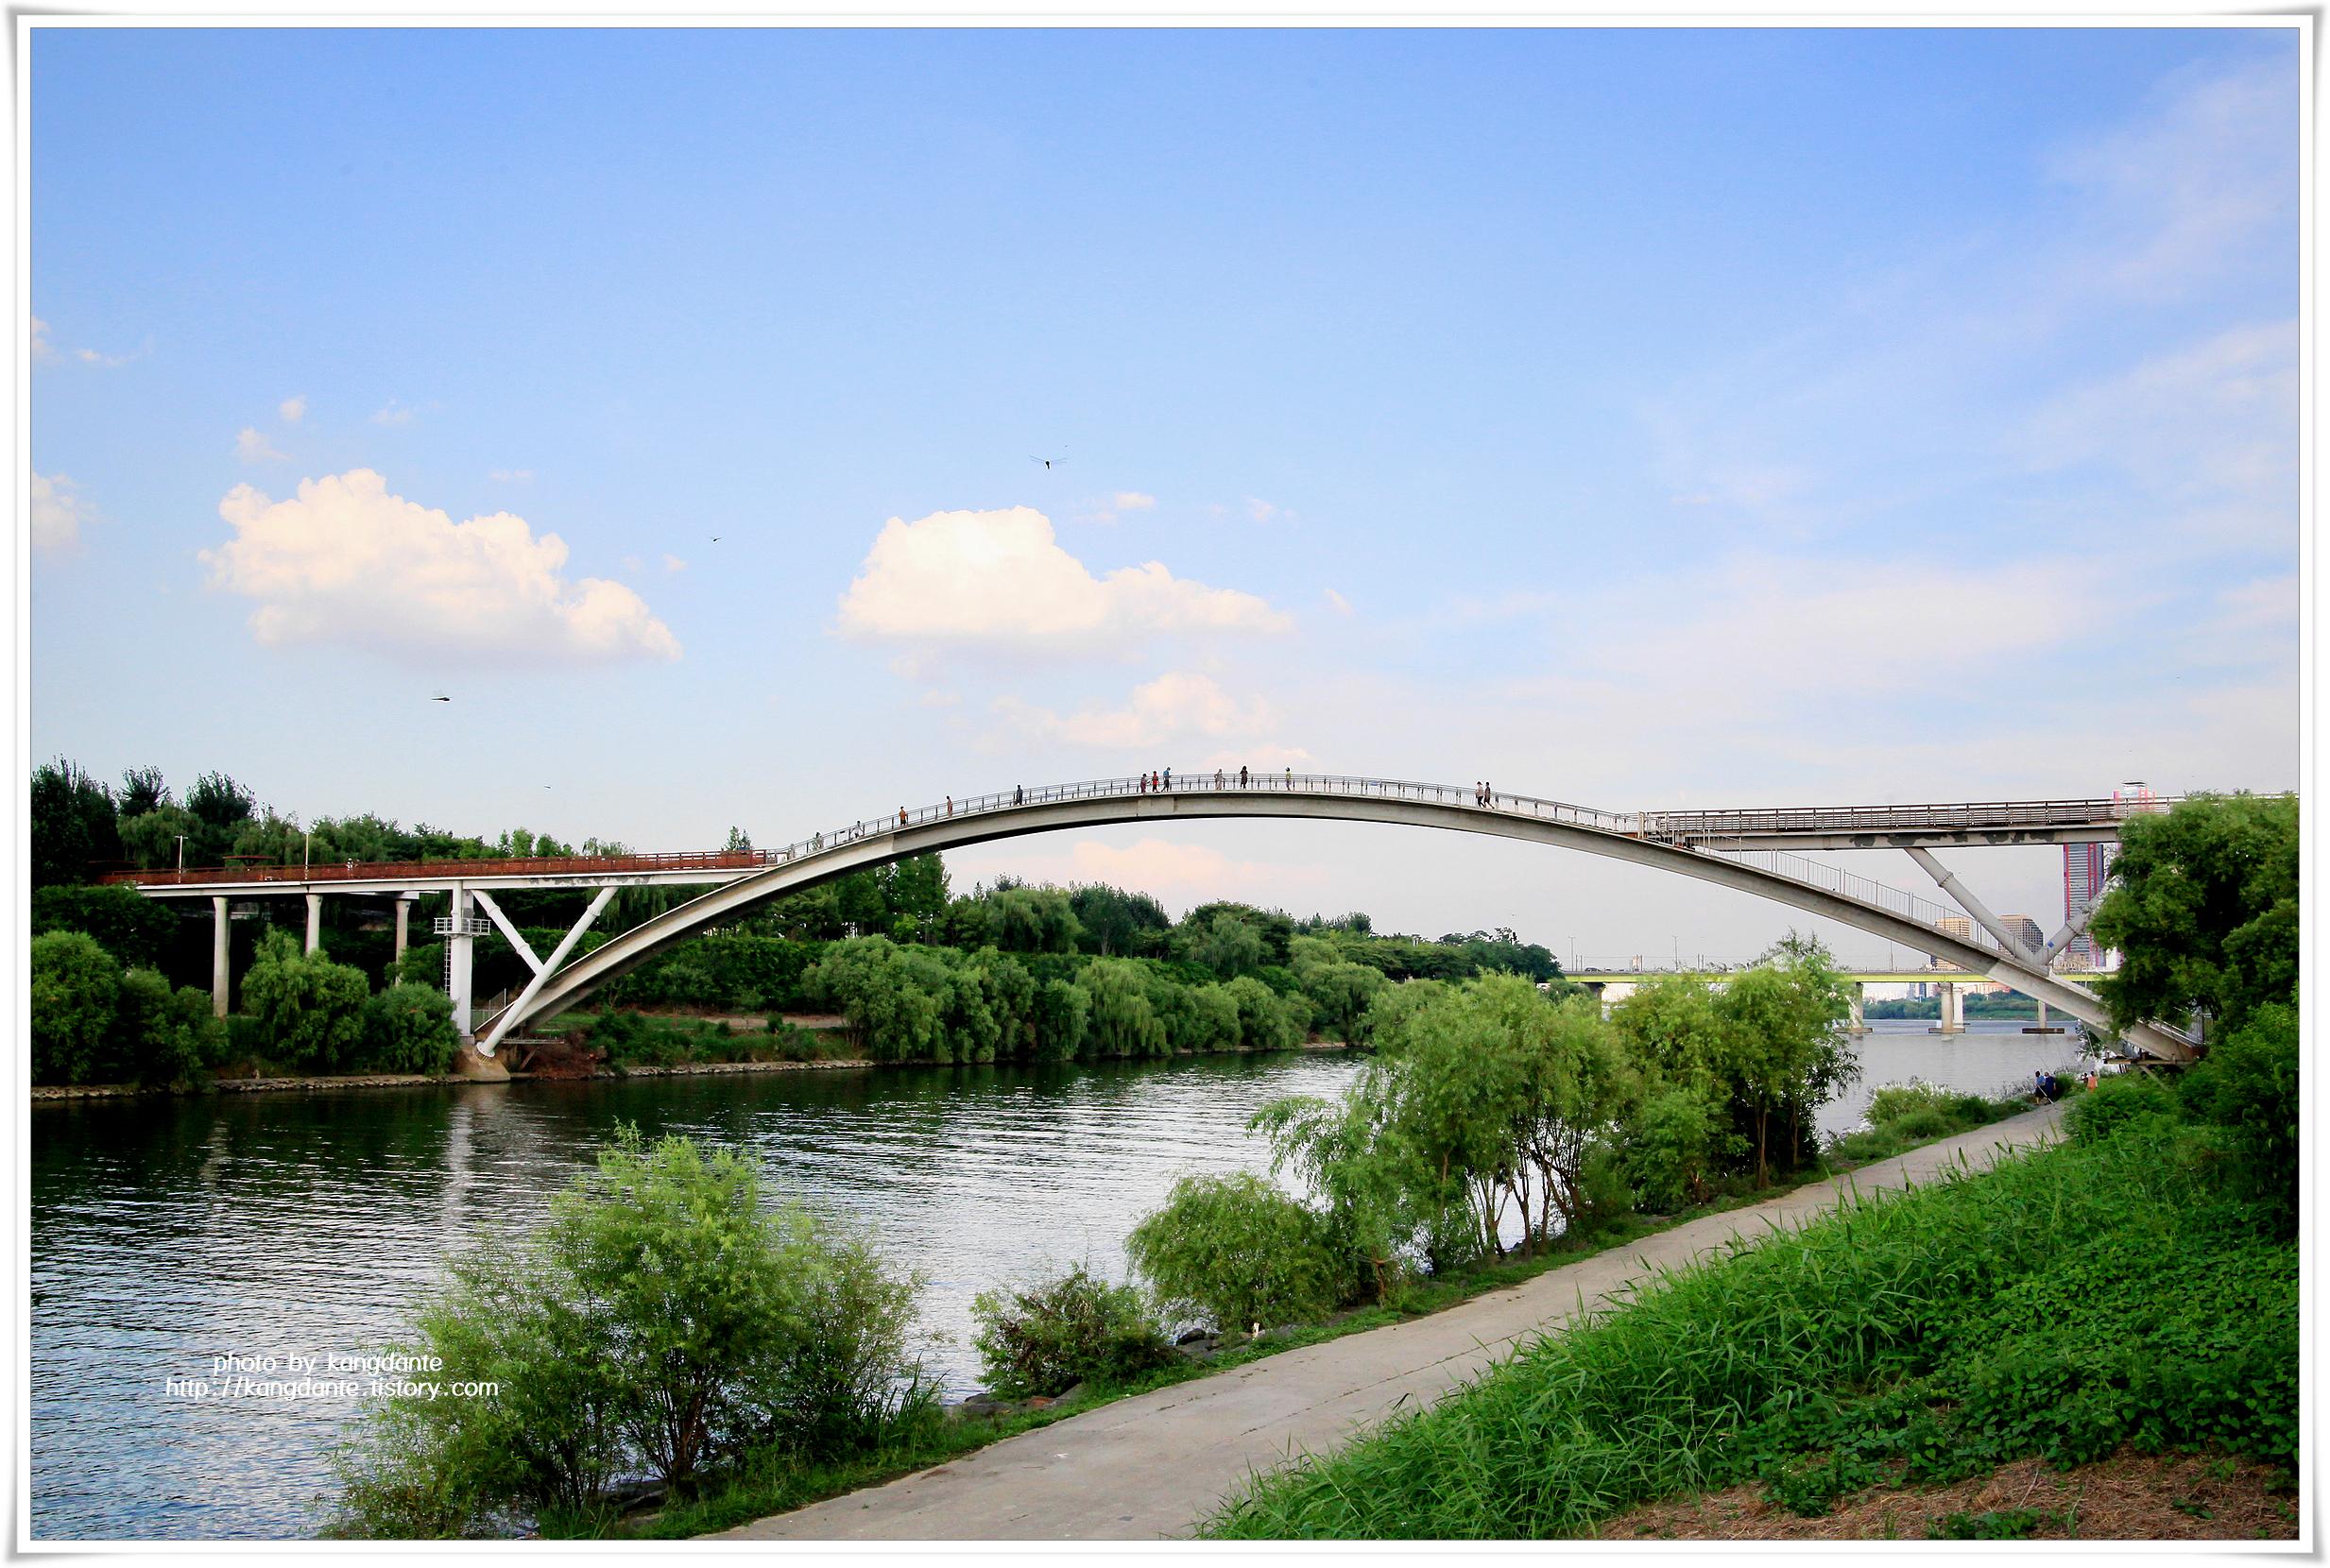 보행전용 아치형 구름다리, 선유교(仙遊橋)